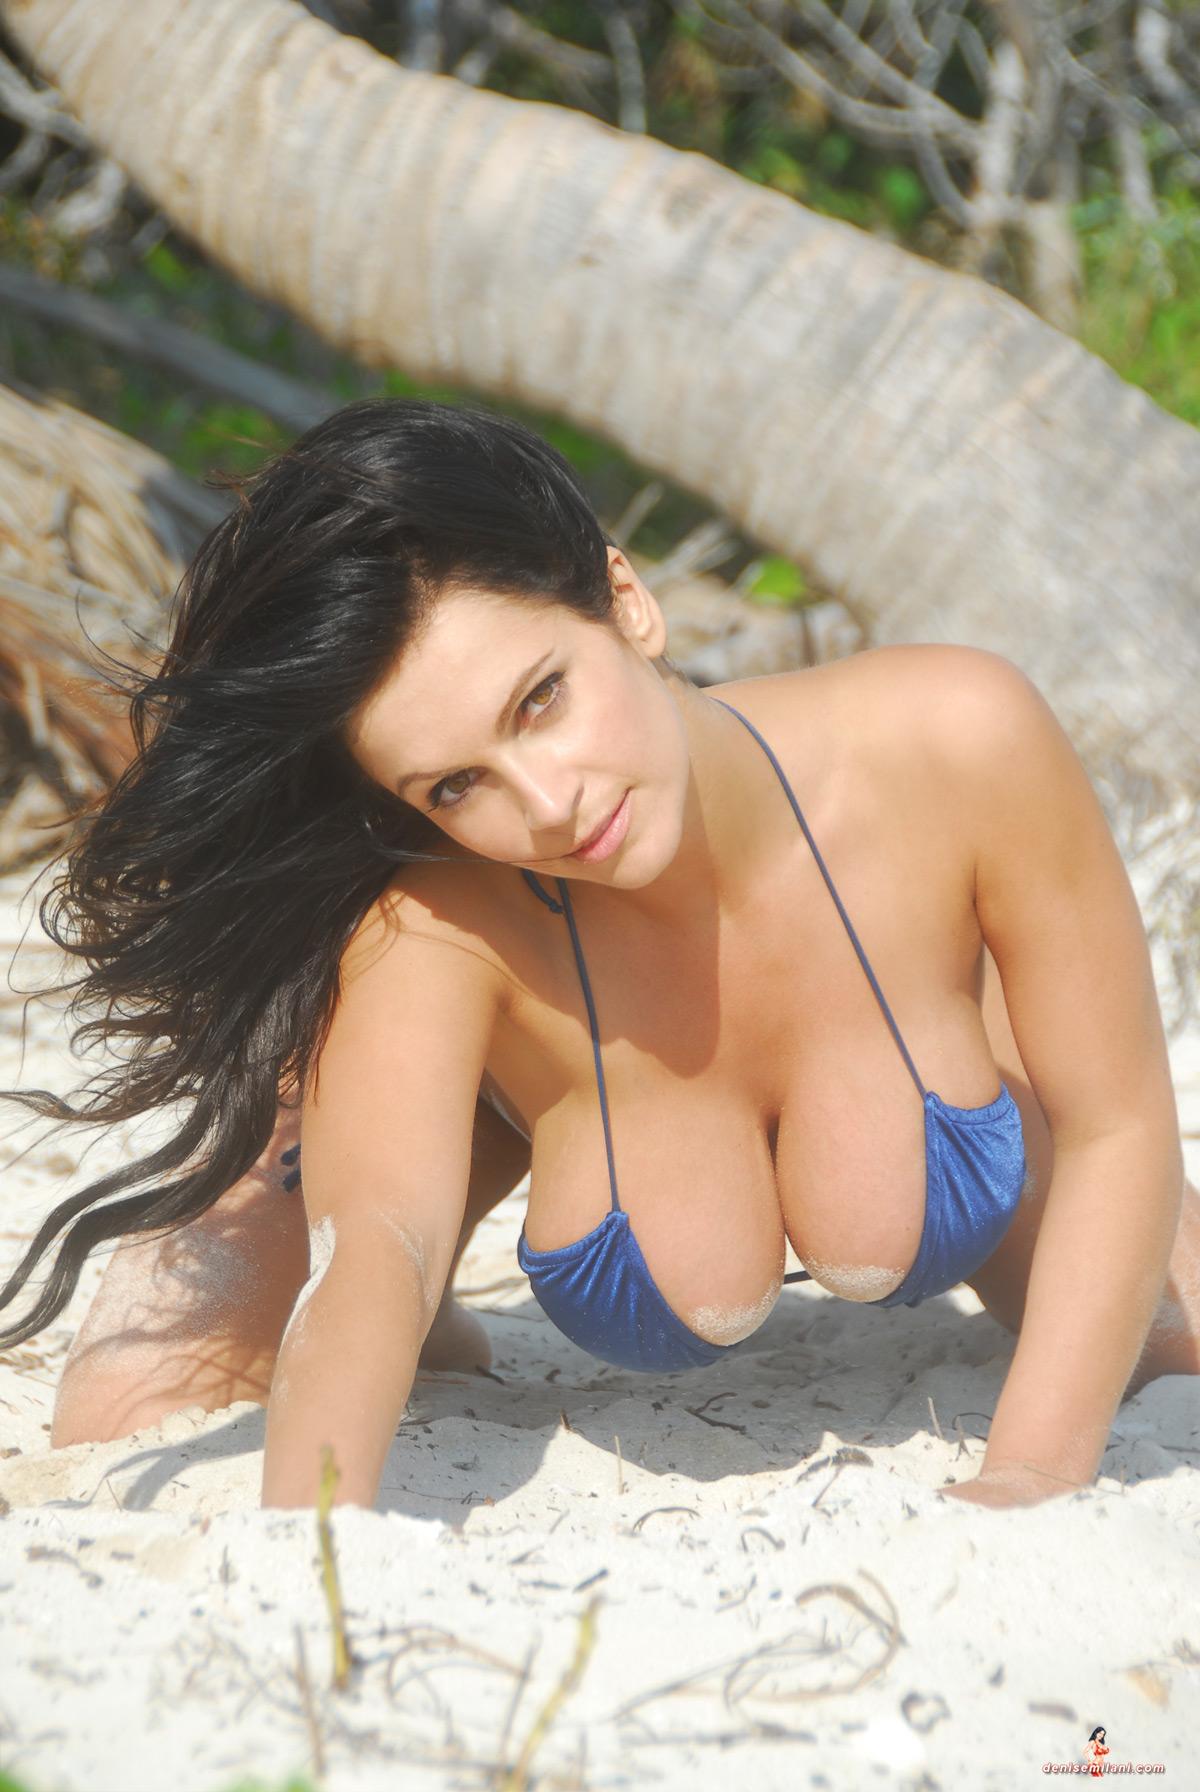 Milani blue bikini denise